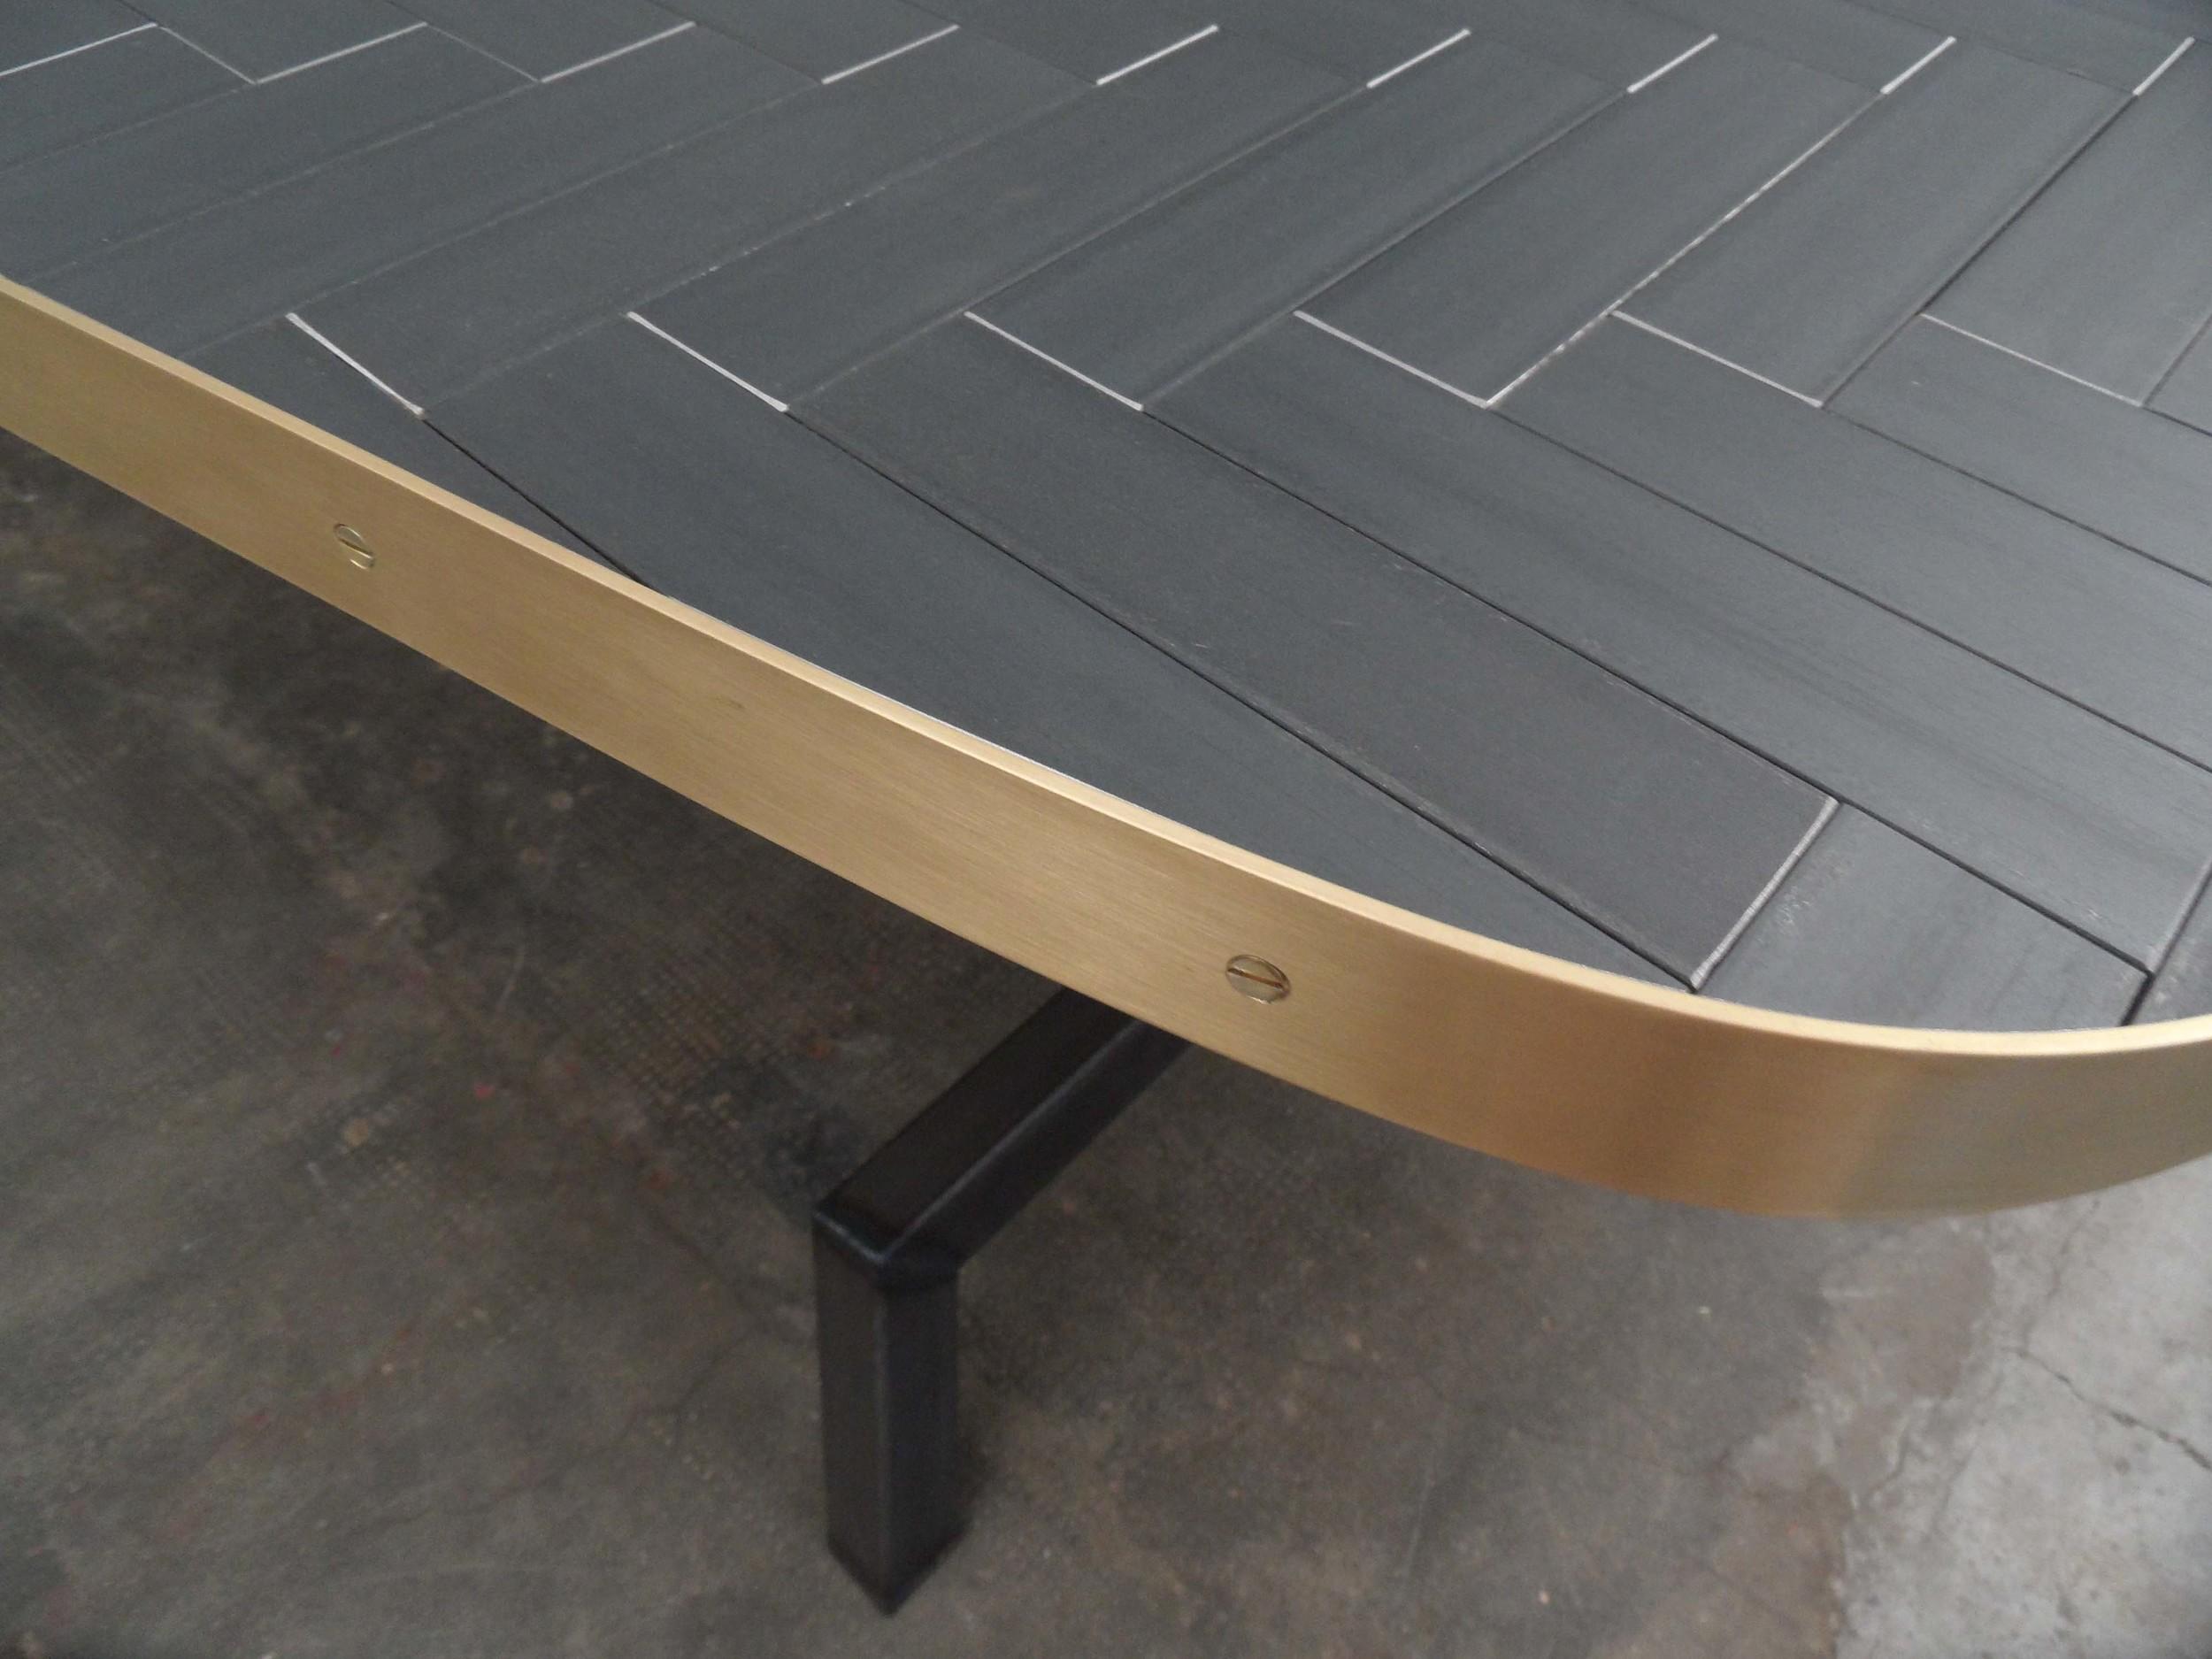 ORVETT for DIESEL -EVOLUZIONE TABLE, herringbone pattern, detail